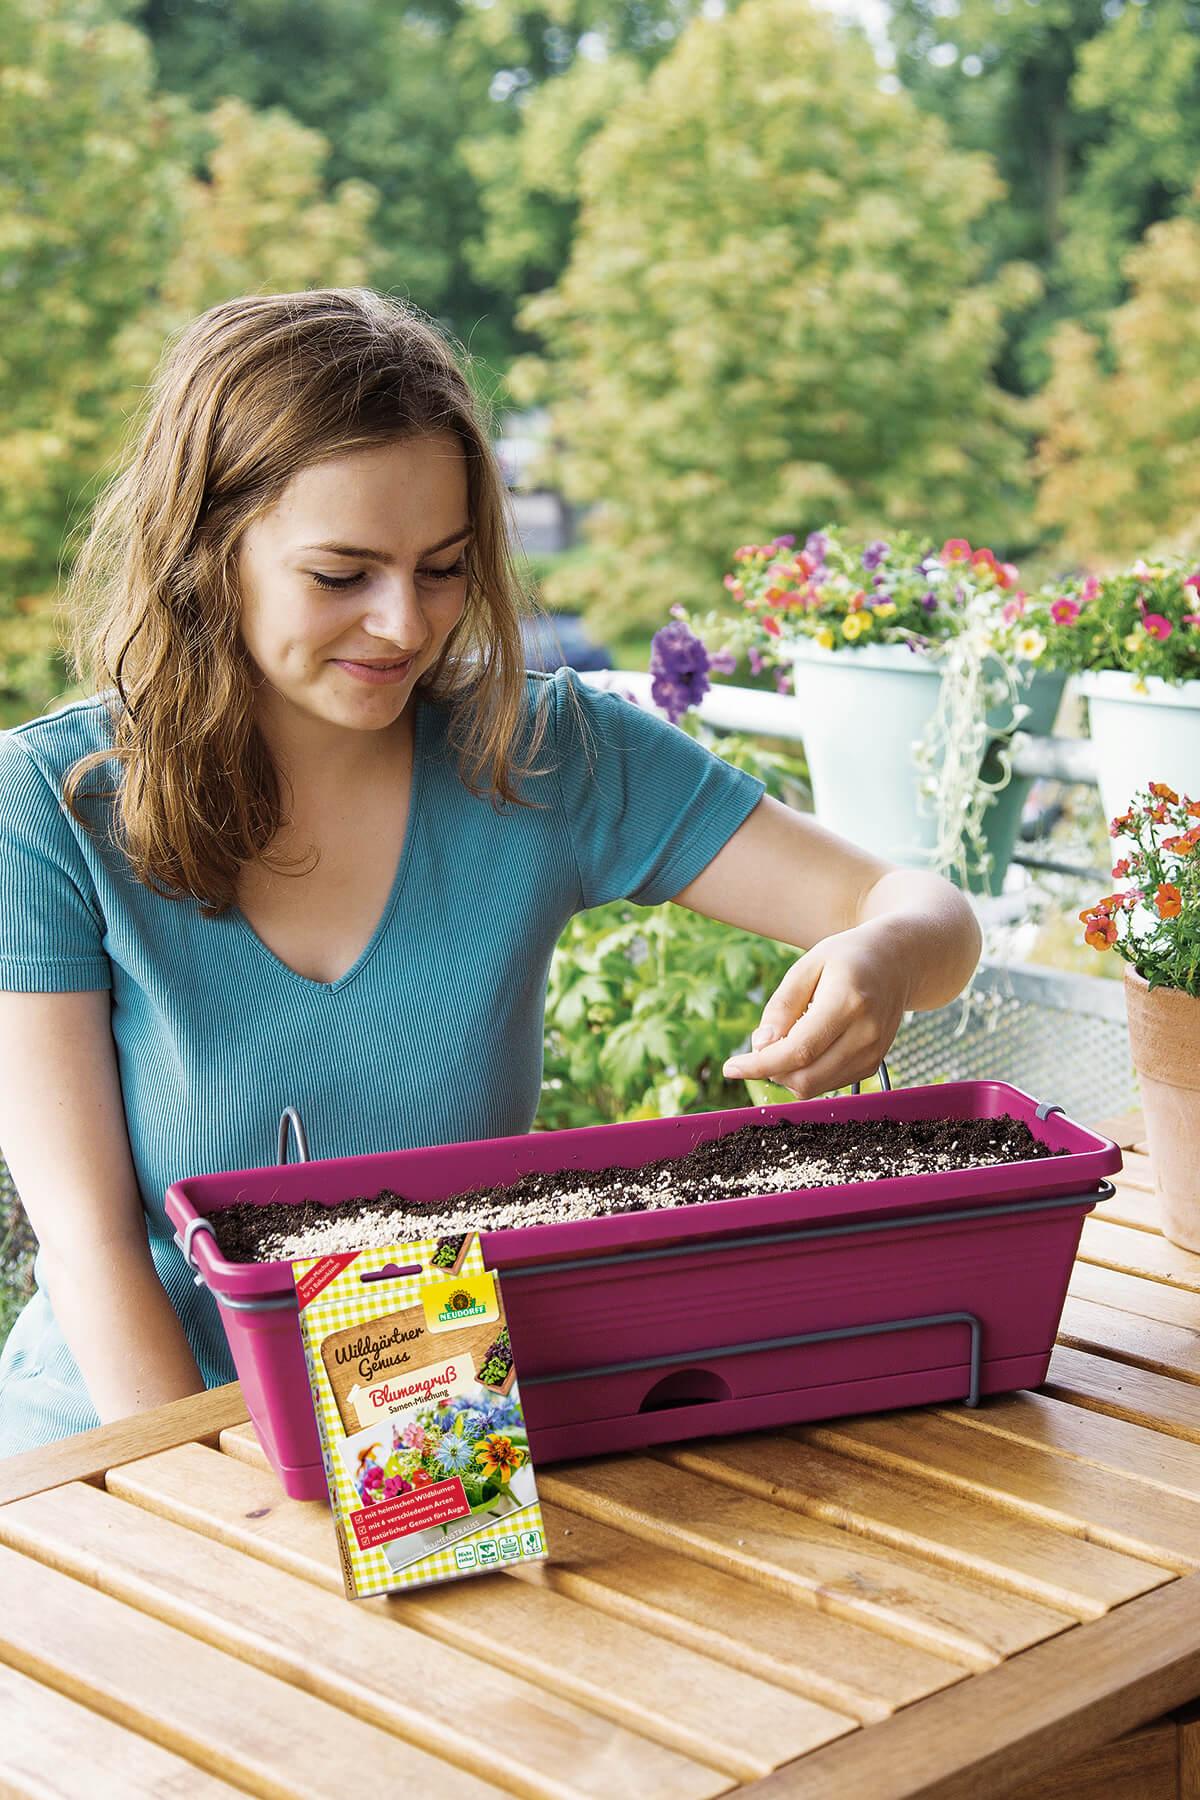 So pflanzen Sie Kräuter richtig an